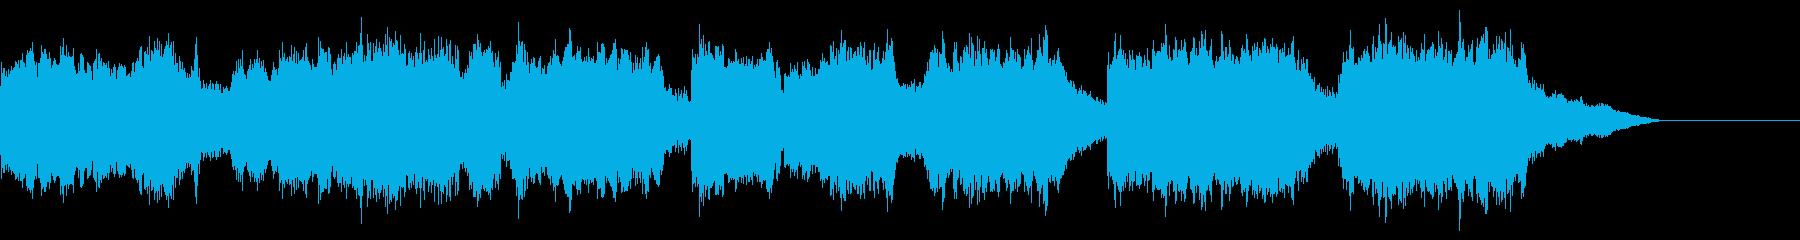 3拍子のファンタジックなワルツ曲です。の再生済みの波形